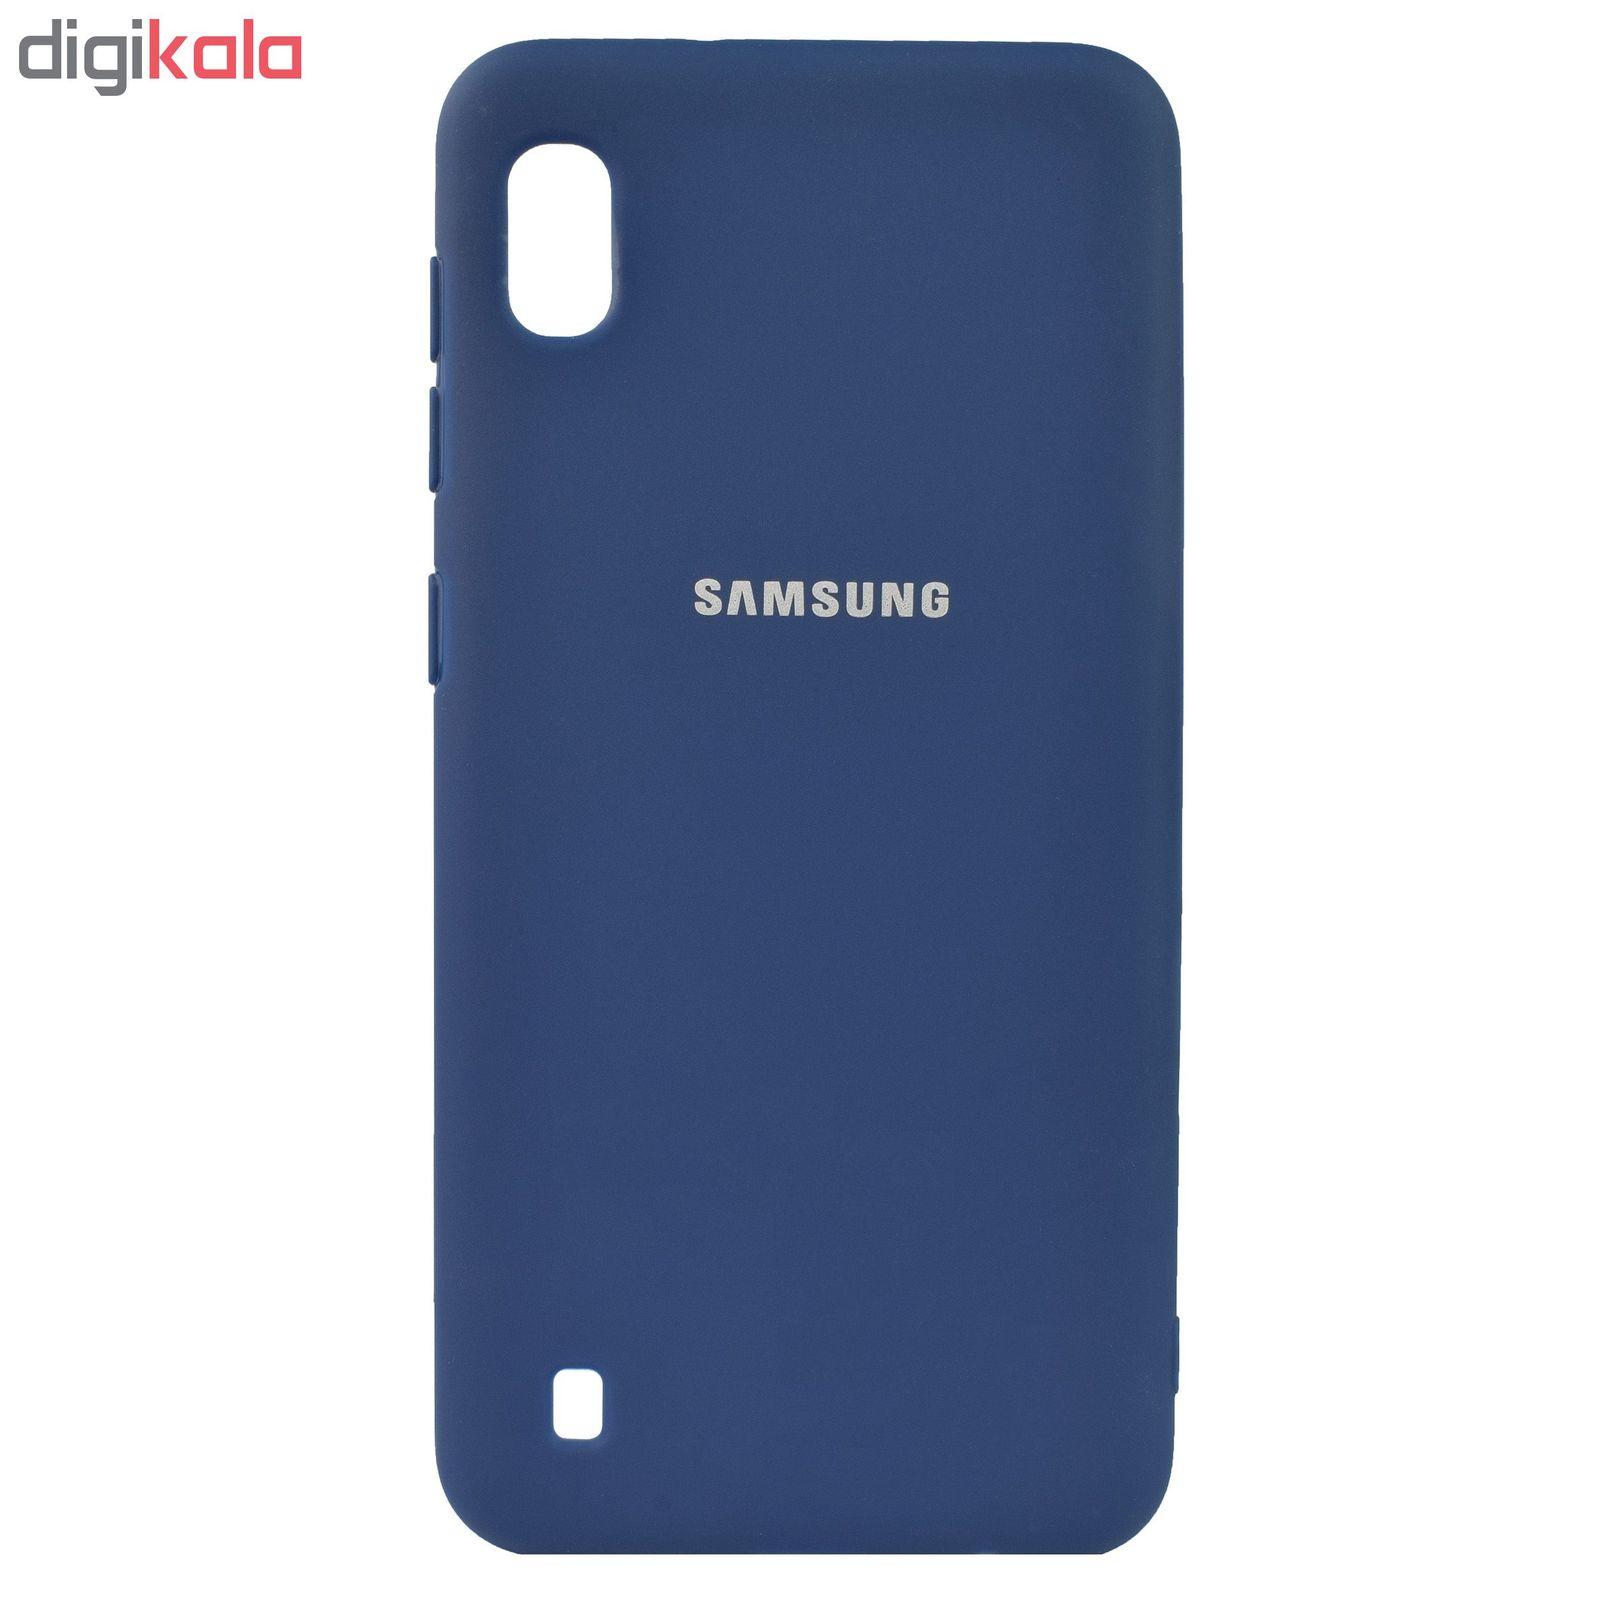 کاور مدل Sicomi مناسب برای گوشی موبایل سامسونگ Galaxy A10 main 1 2